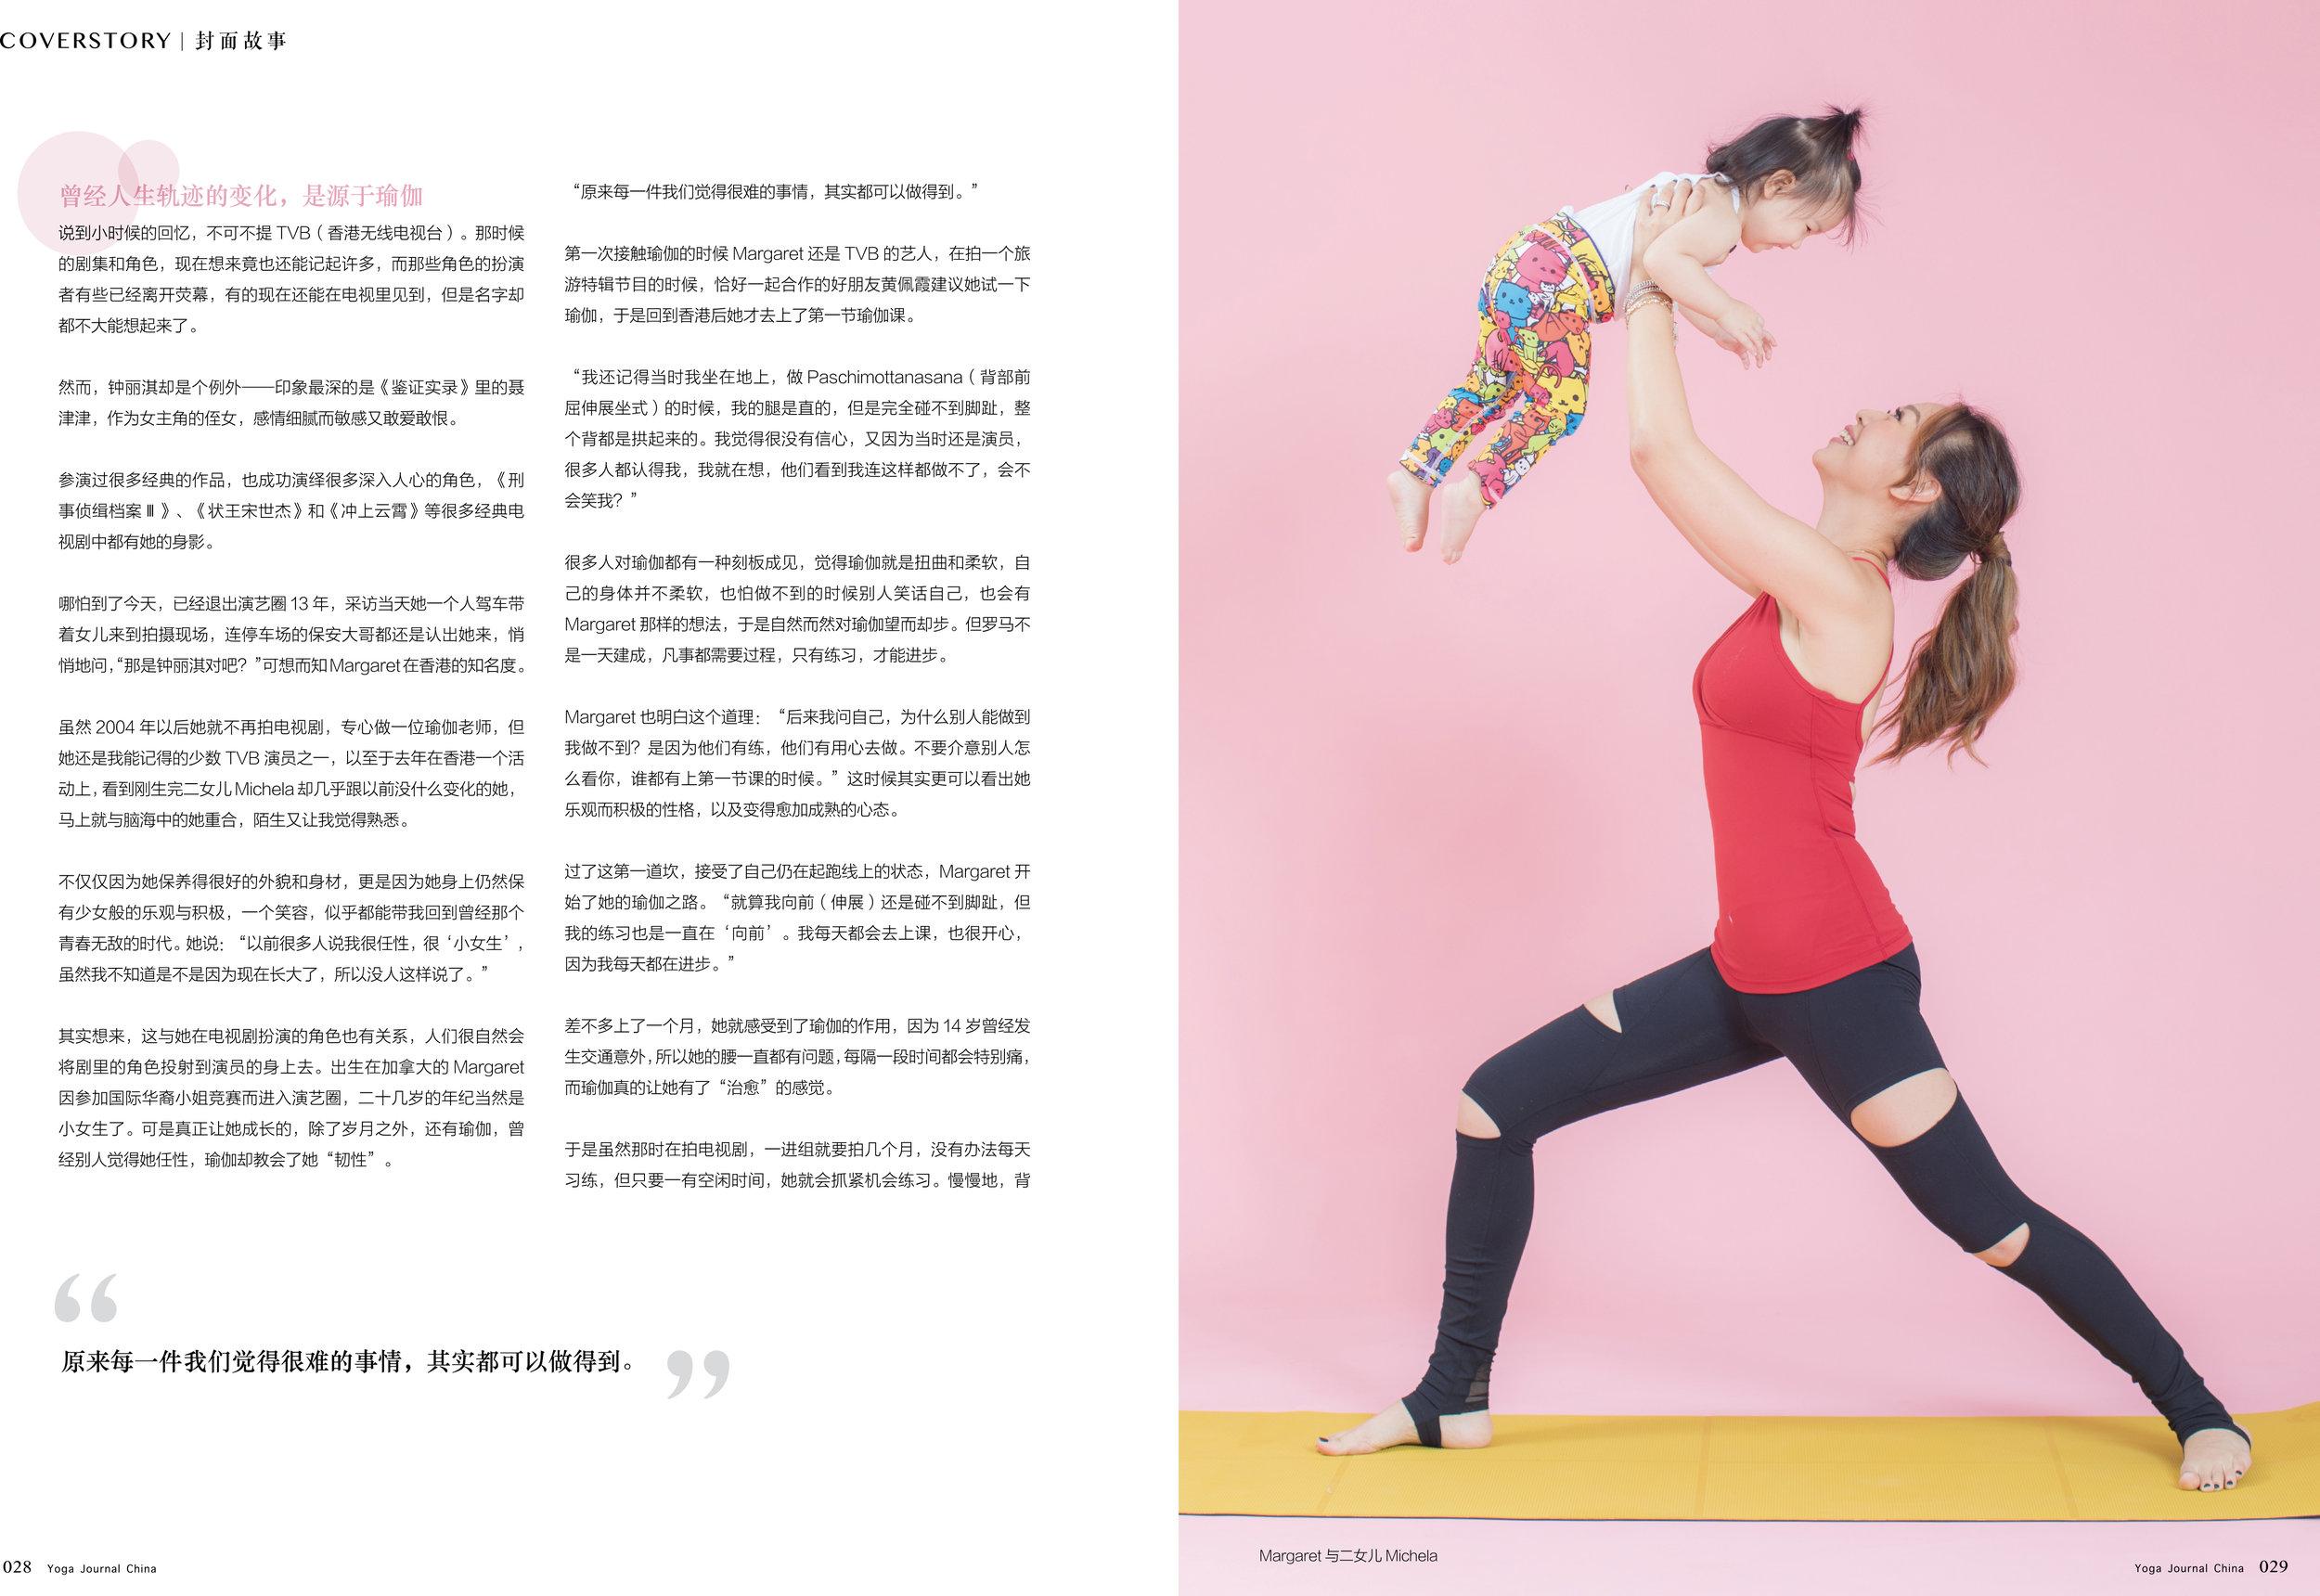 Yogajournal Coverstory Margaret Chung02.jpg